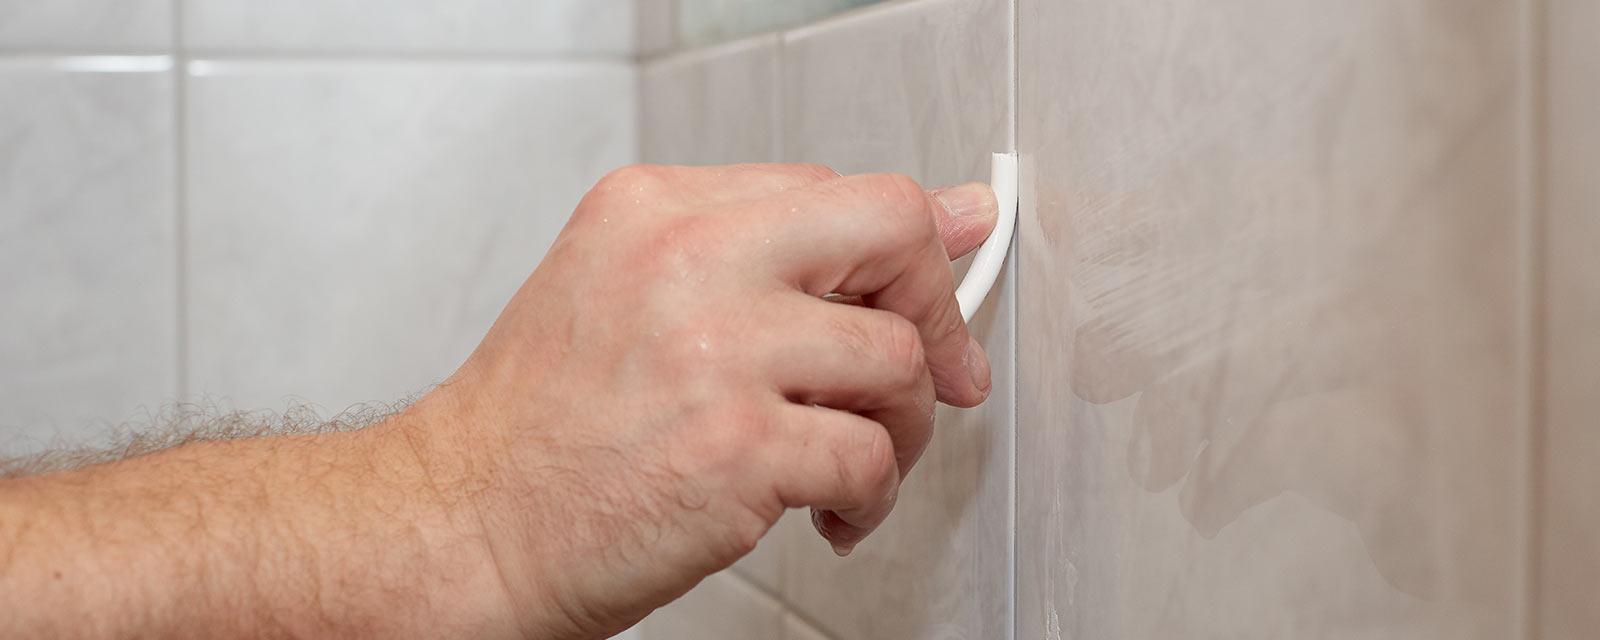 Carrelage : Comment L'entretenir Avec Quelques Astuces concernant Comment Nettoyer Des Joints De Salle De Bain